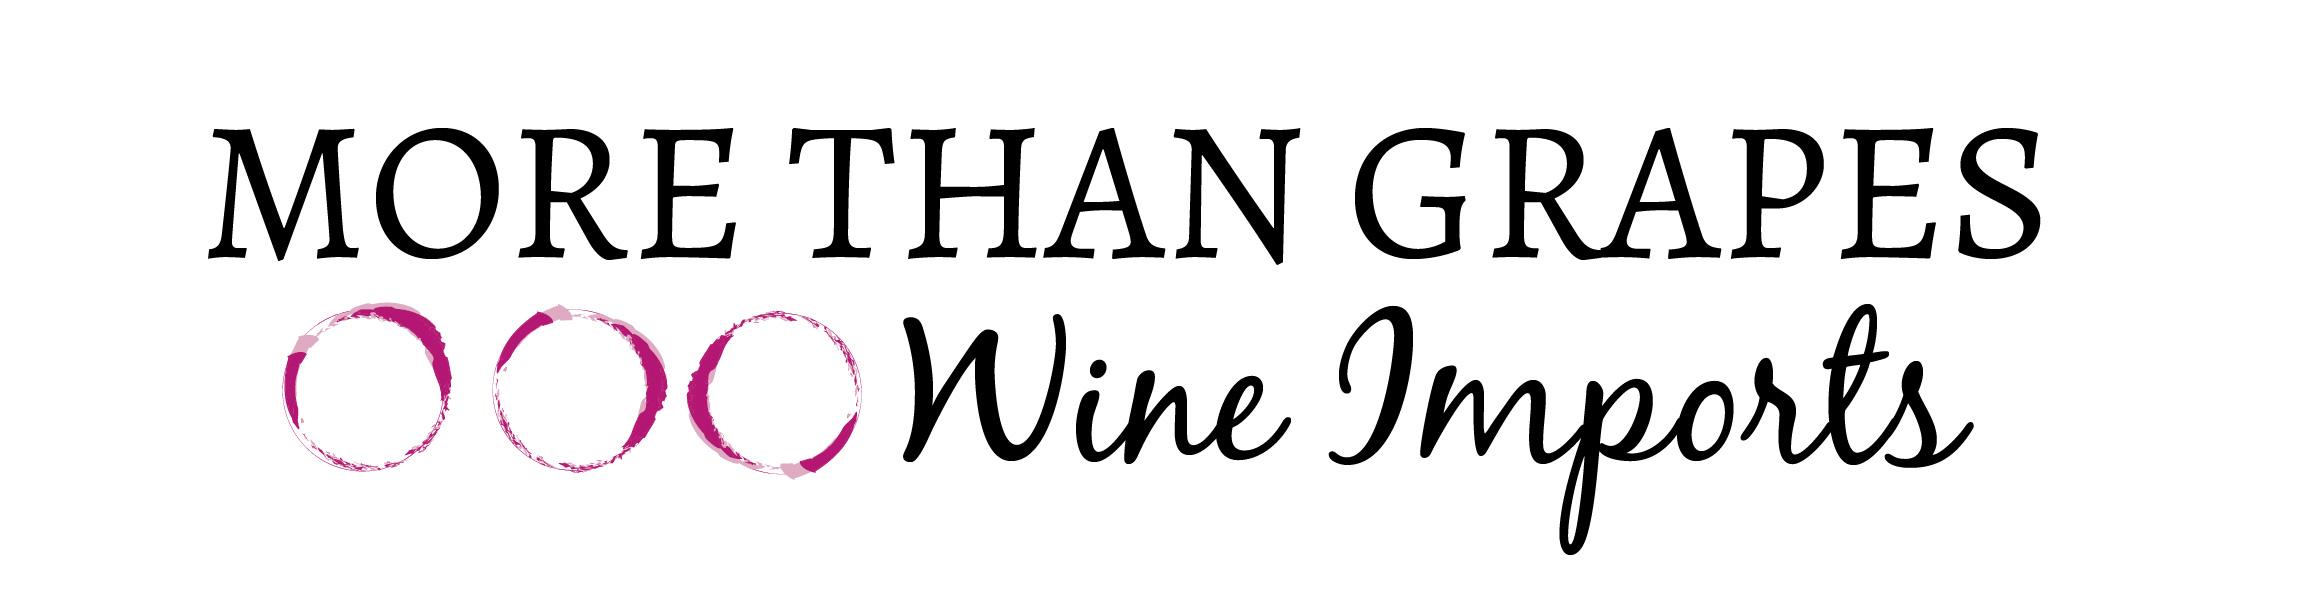 More Than Grapes Logo Ideas -47.jpg